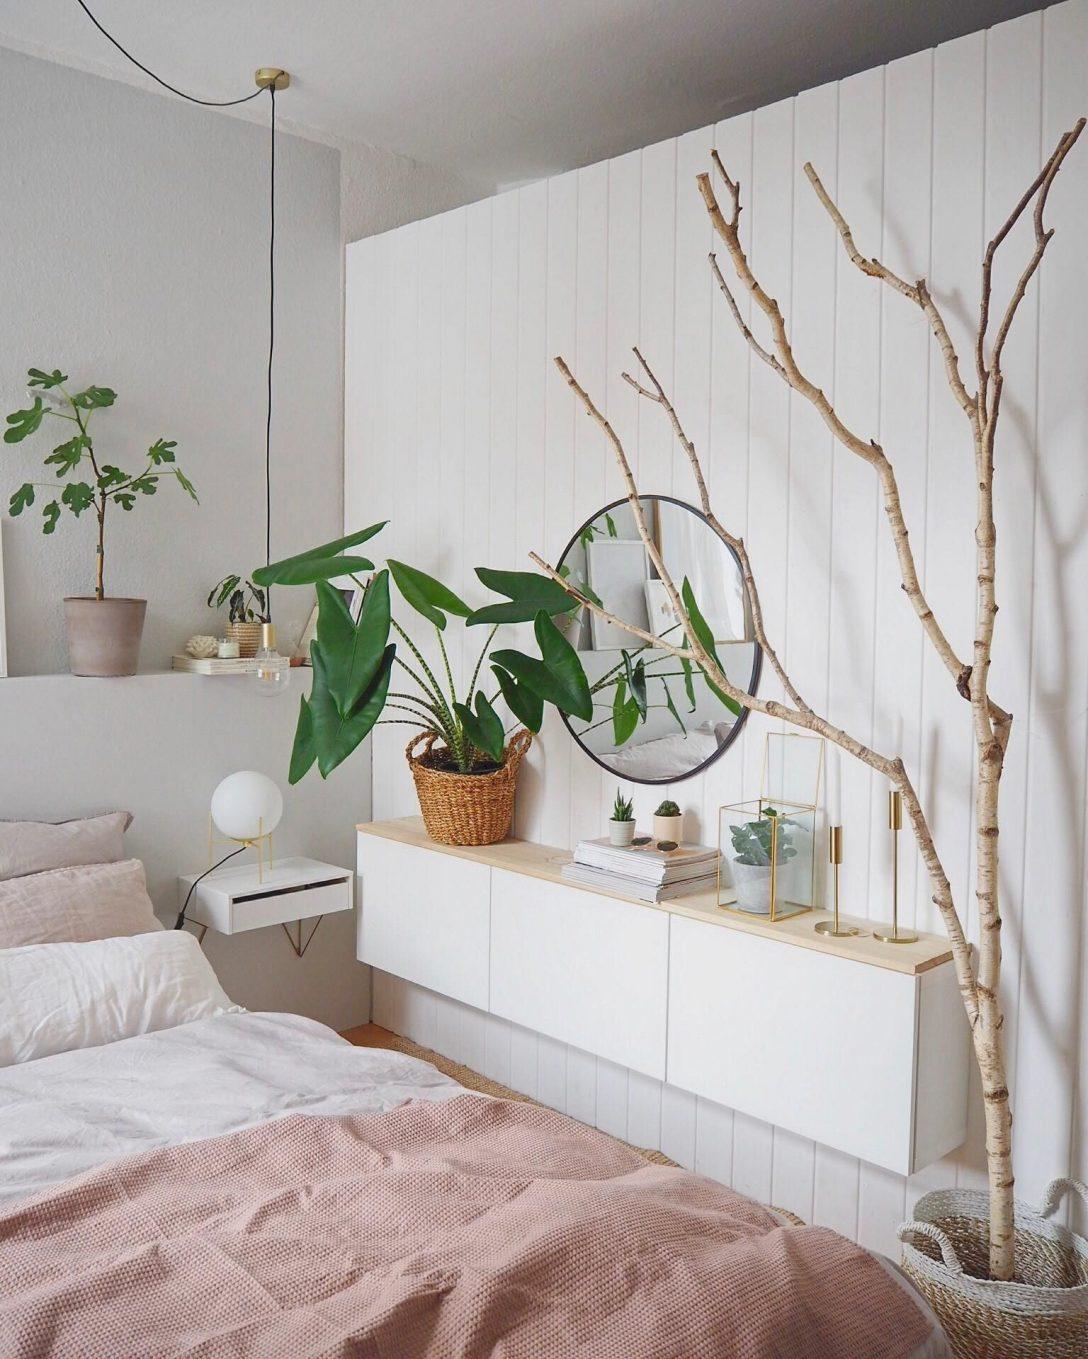 Full Size of Wanddeko Schlafzimmer Ideen Wanddekoration Ikea Selber Machen Metall Bilder Holz Romantische Weiss Eckschrank Weißes Teppich Wandleuchte Deckenlampe Wohnzimmer Schlafzimmer Wanddeko